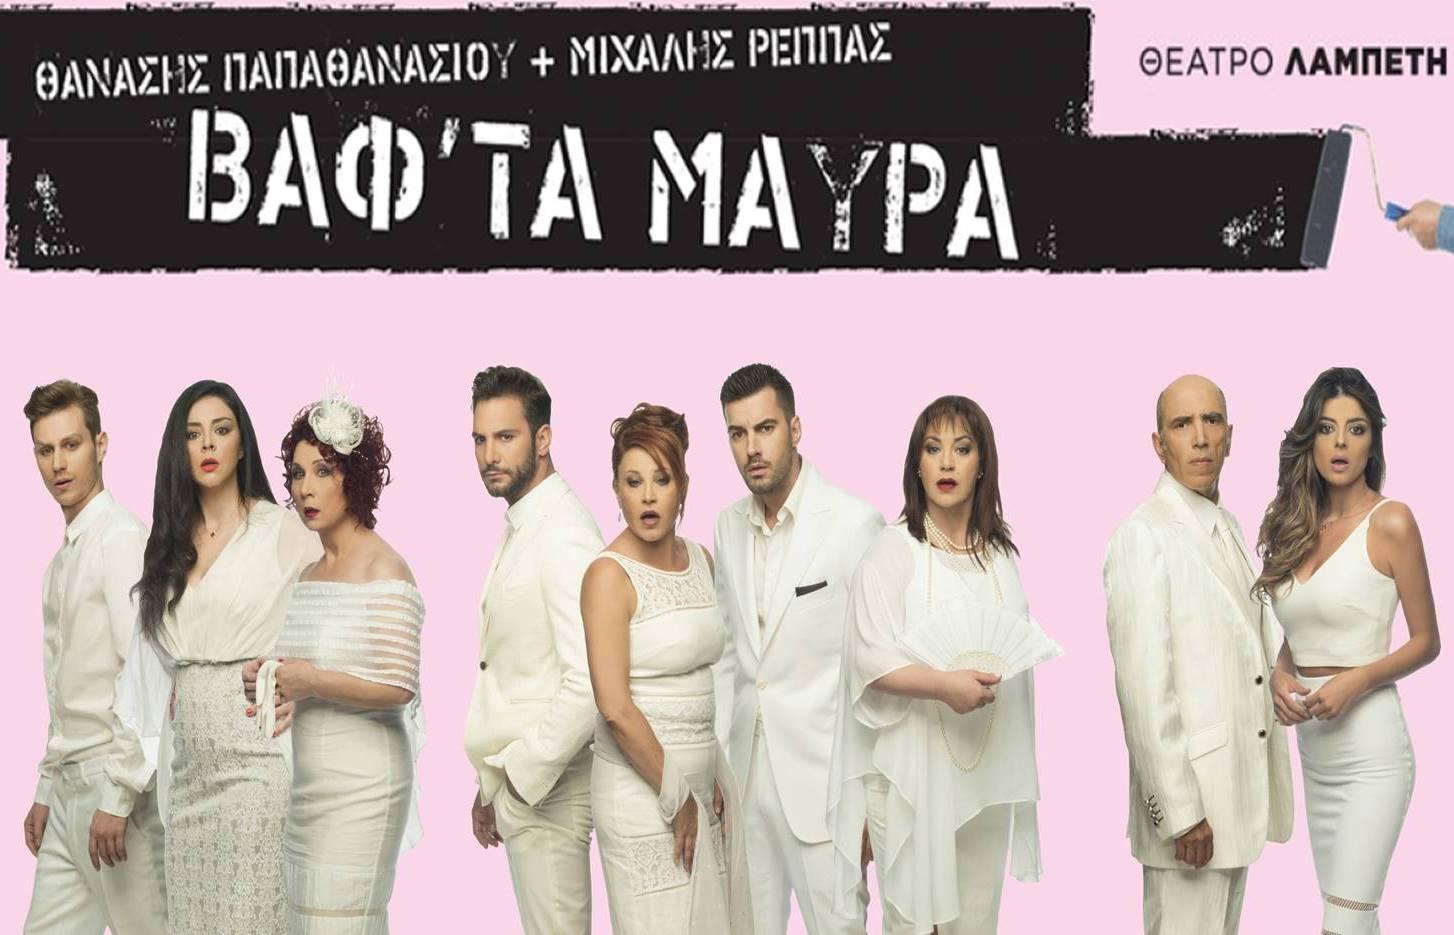 25€ από 40€ για είσοδο 2 ατόμων στη νεα κωμωδία των Ρέππα-Παπαθανασίου ''Βάφ' τα Μαύρα'', με τους Γ.Τσιμιτσέλη, Ν.Βλαβιανού, Ε.Ζησάκη κα, στο θέατρο Λαμπέτη